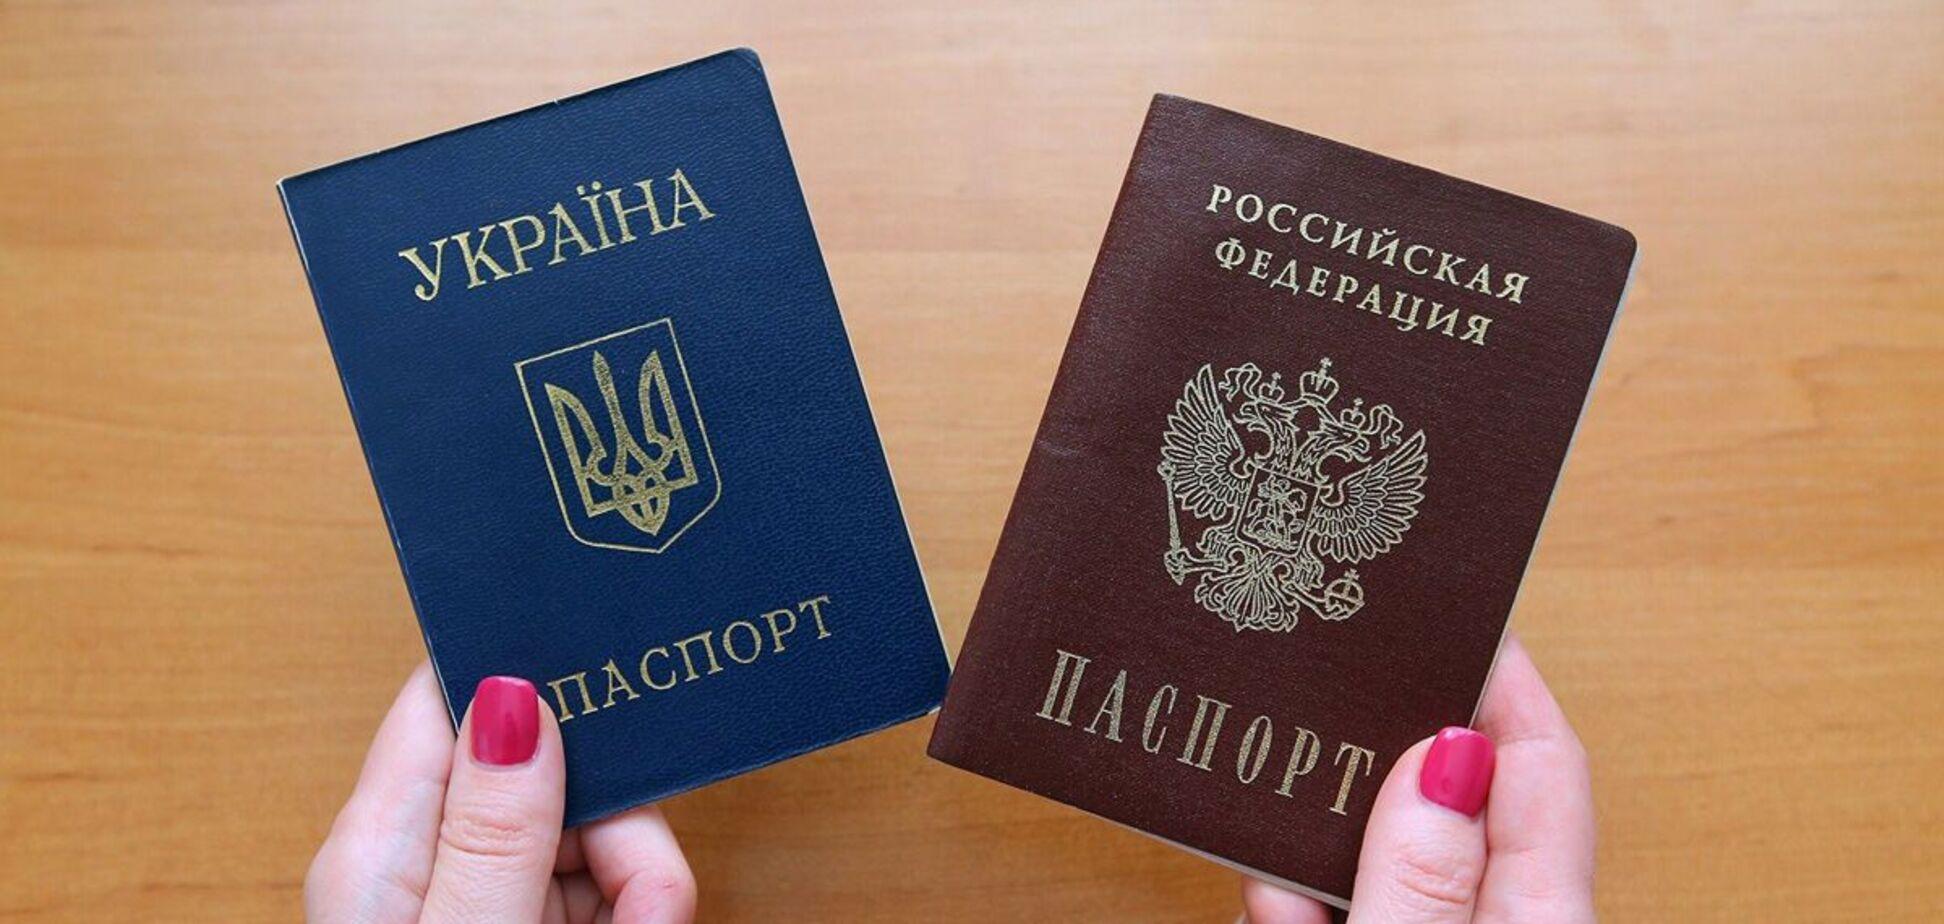 Кулеба выступил против двойного гражданства с Россией